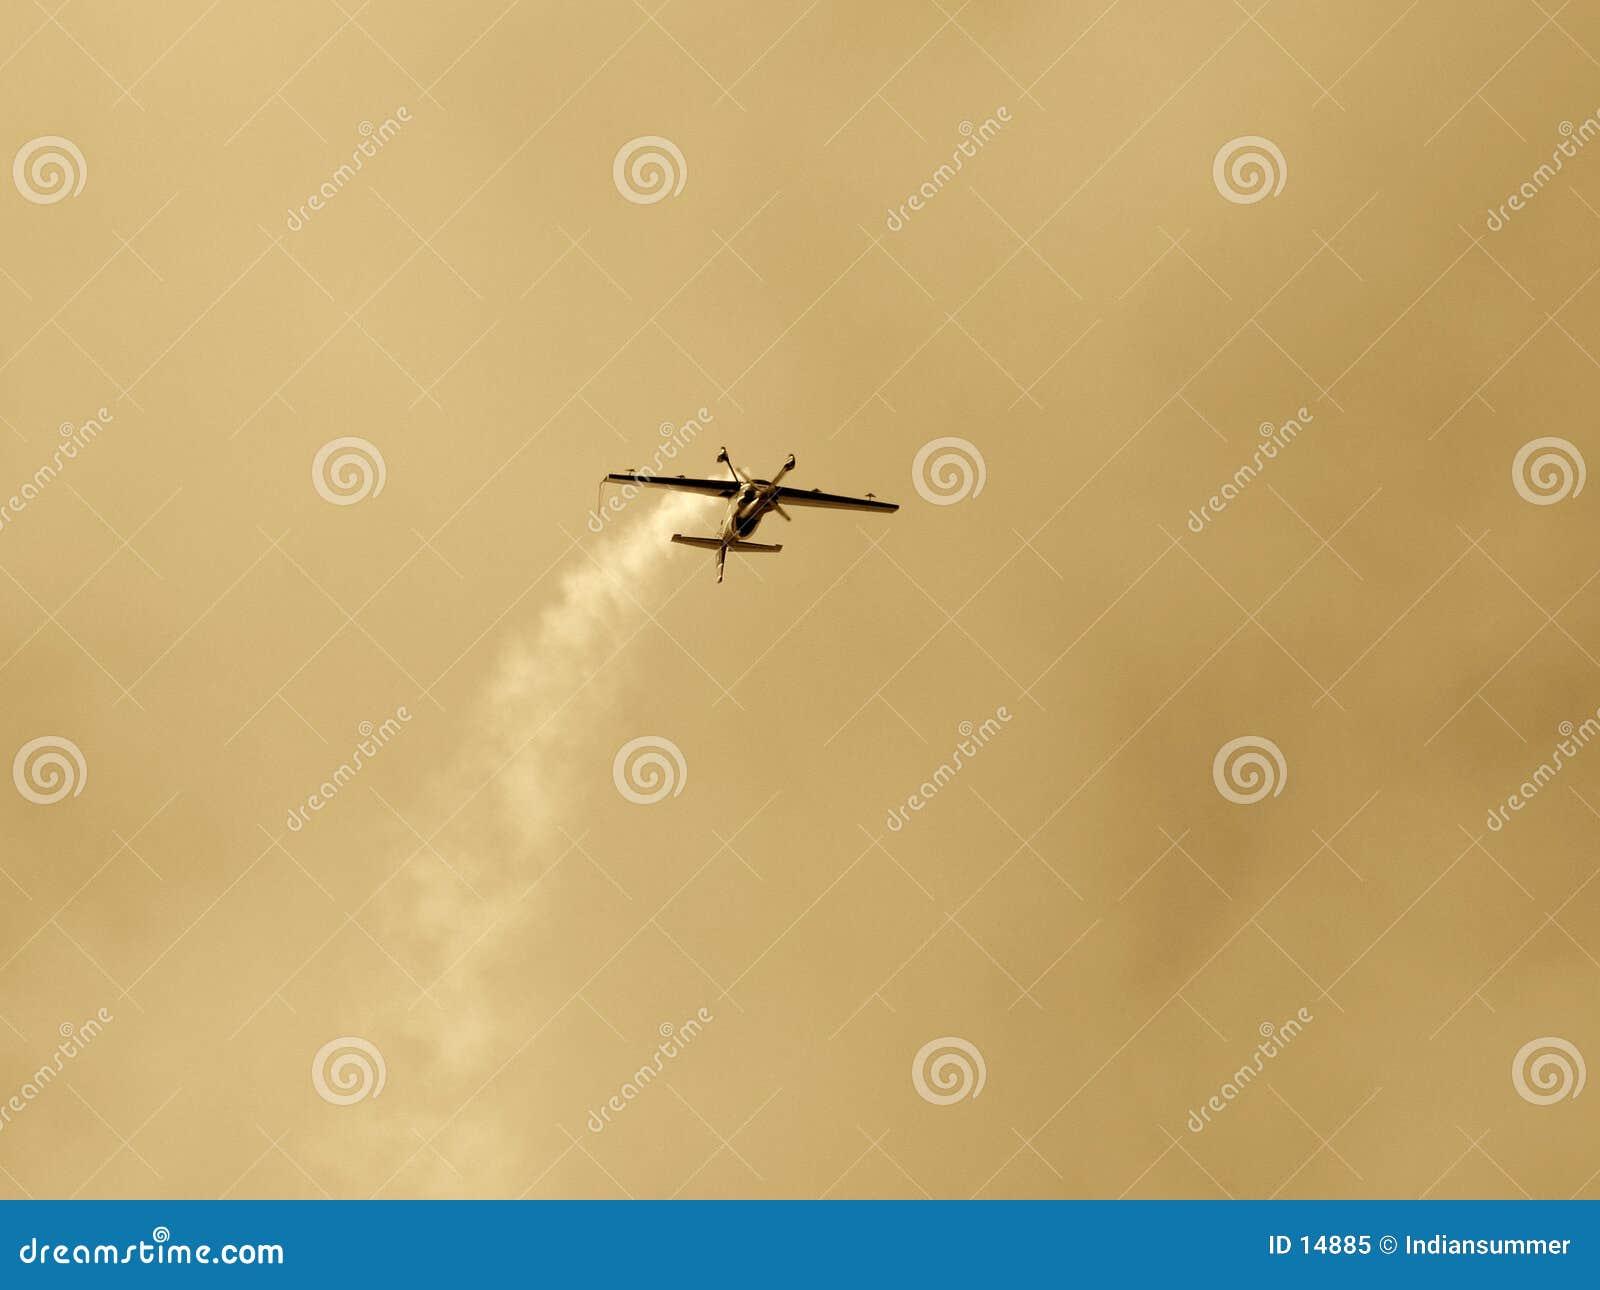 Upside-down plane II